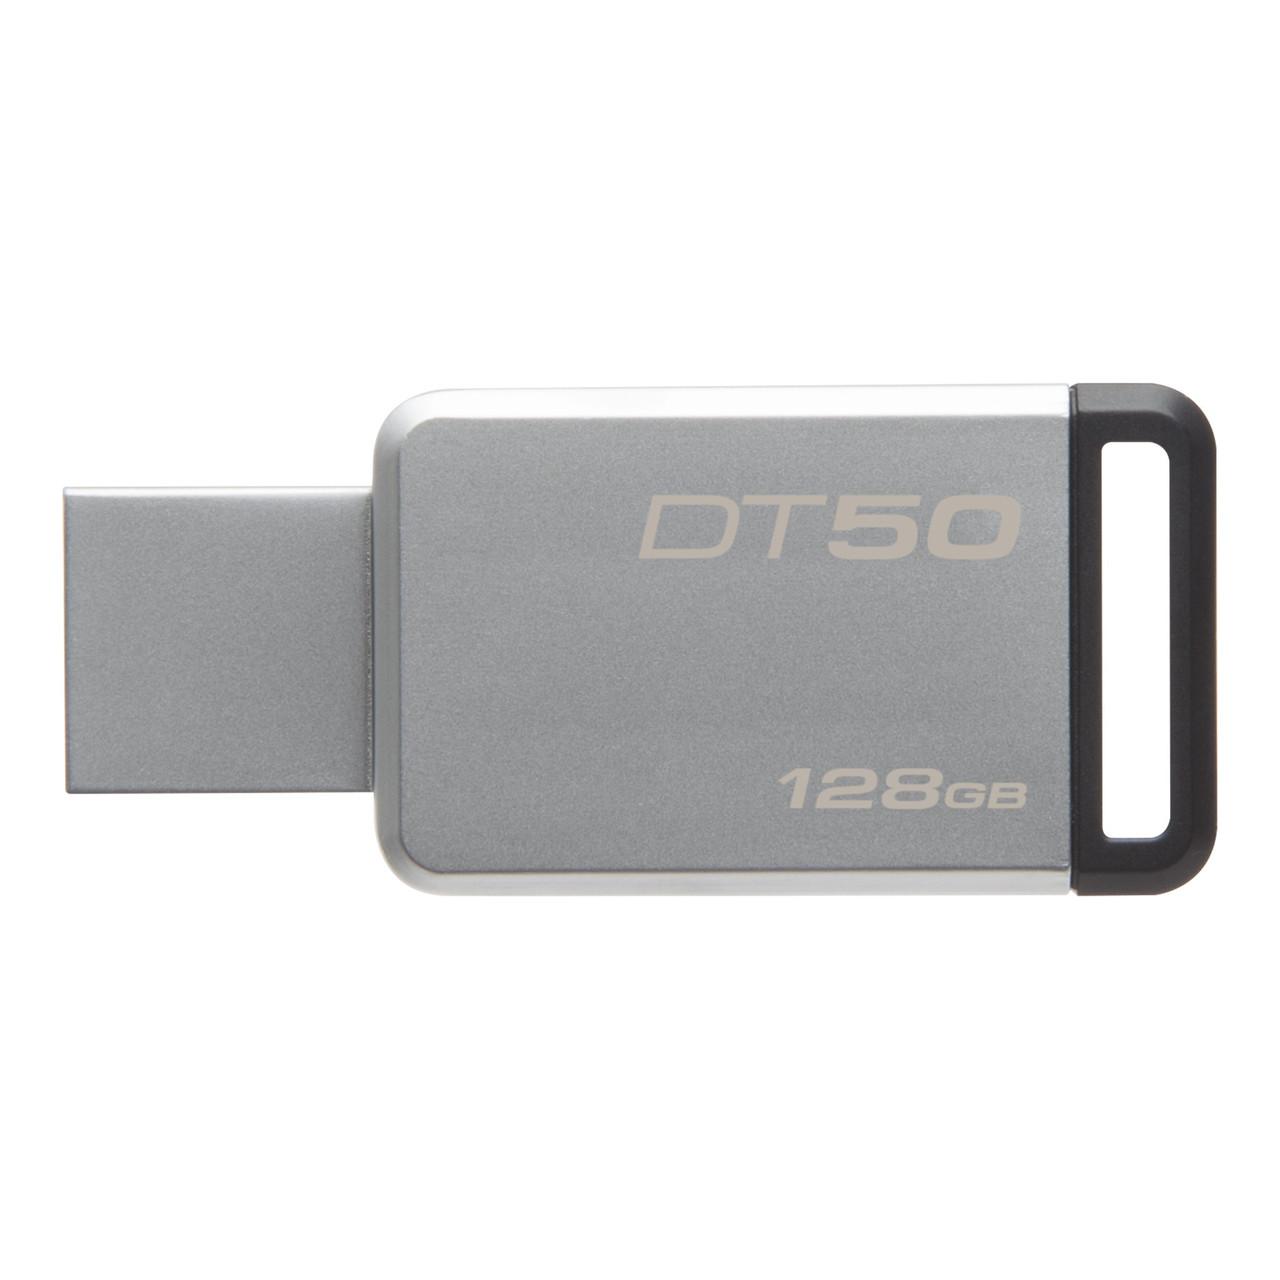 USB флеш Kingston Original DT50 128gb Metal USB 3.0